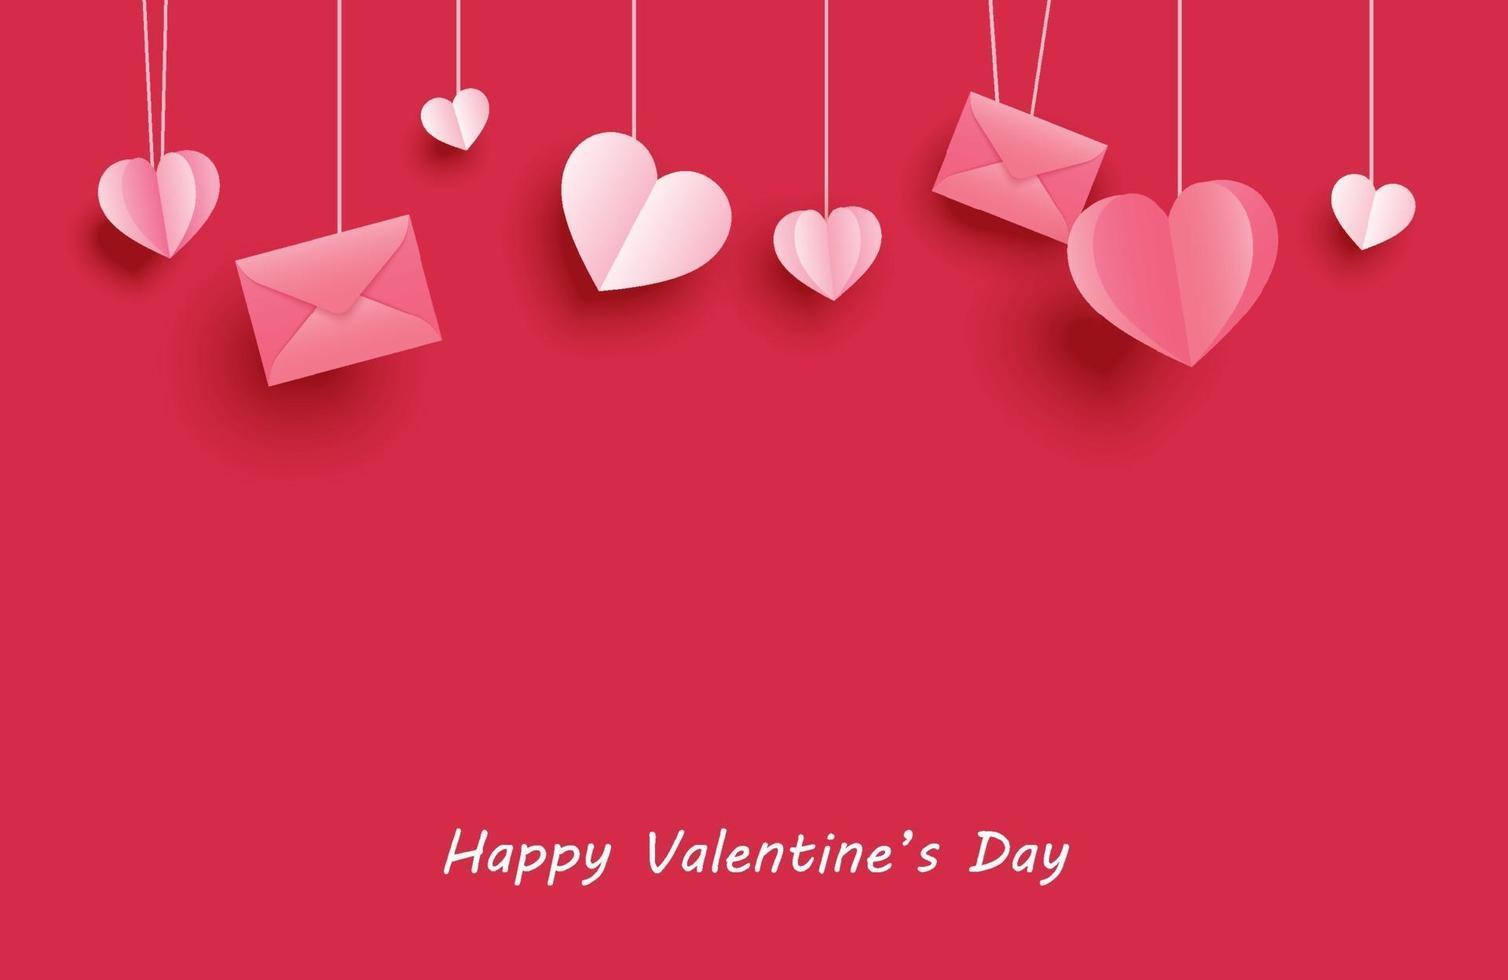 glückliche Valentinstaggrußkarten mit Papierherzen, die auf rotem Pastellhintergrund hängen. vektor